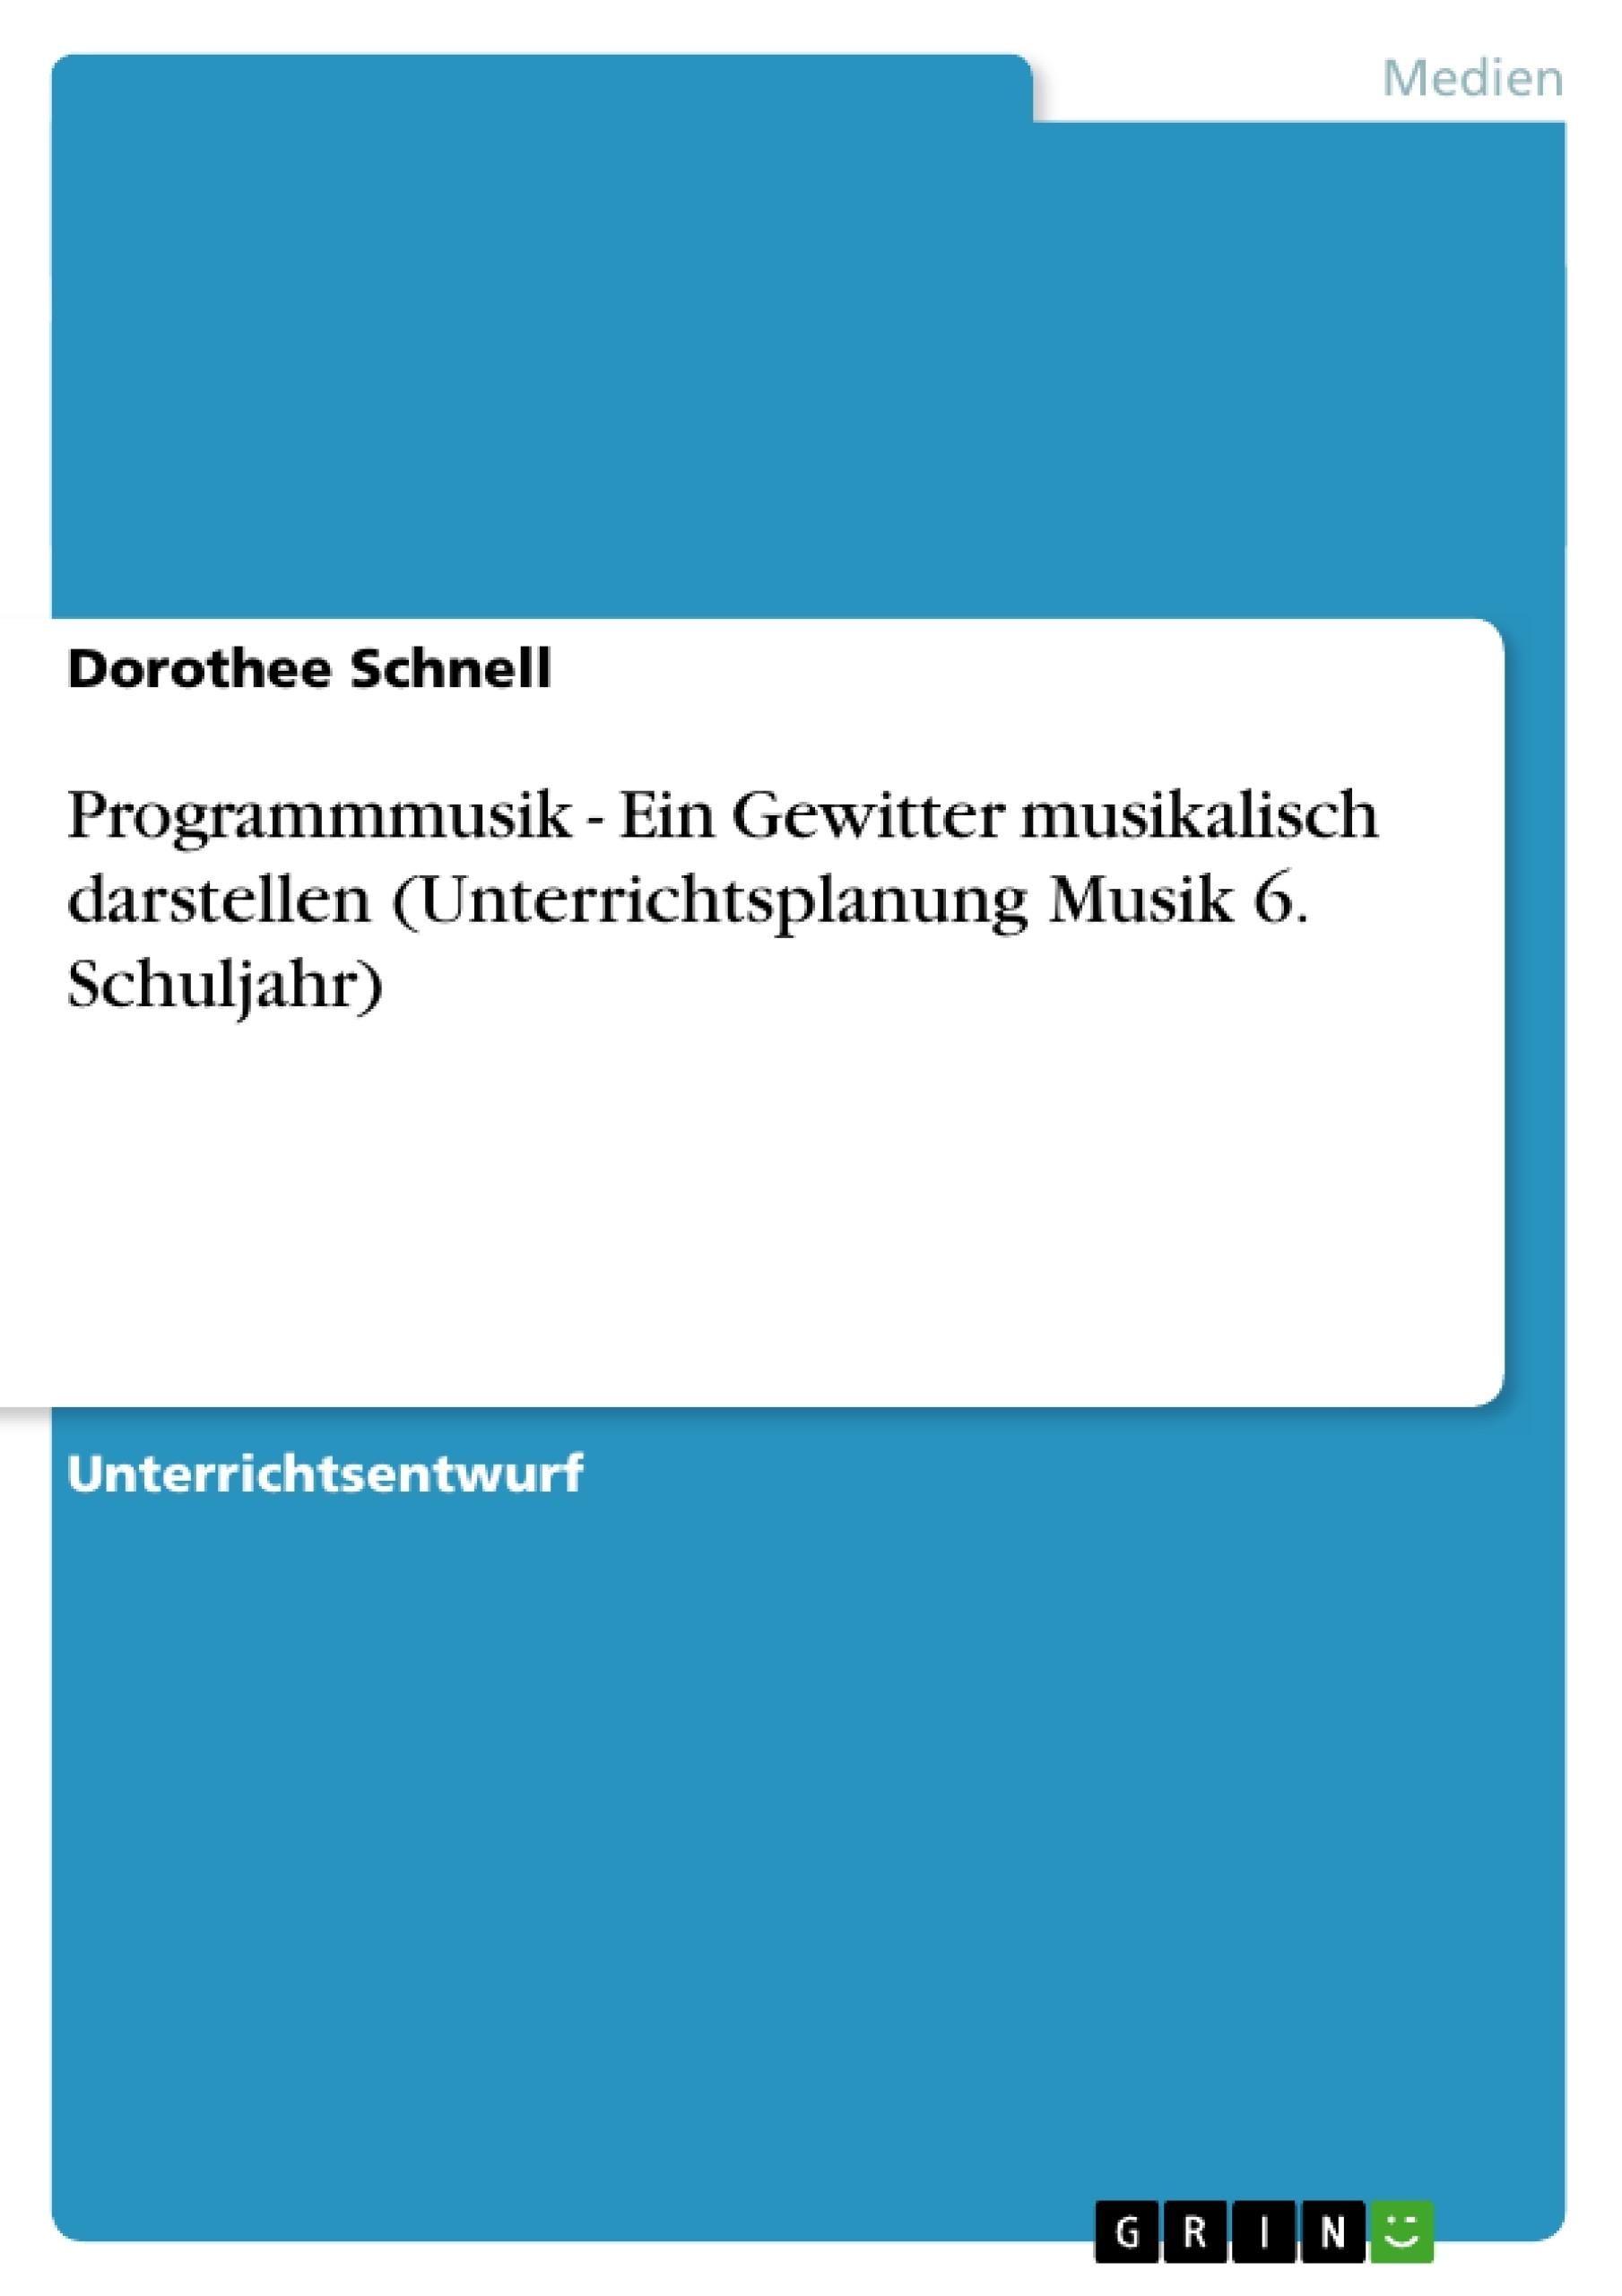 Titel: Programmmusik - Ein Gewitter musikalisch darstellen (Unterrichtsplanung Musik 6. Schuljahr)